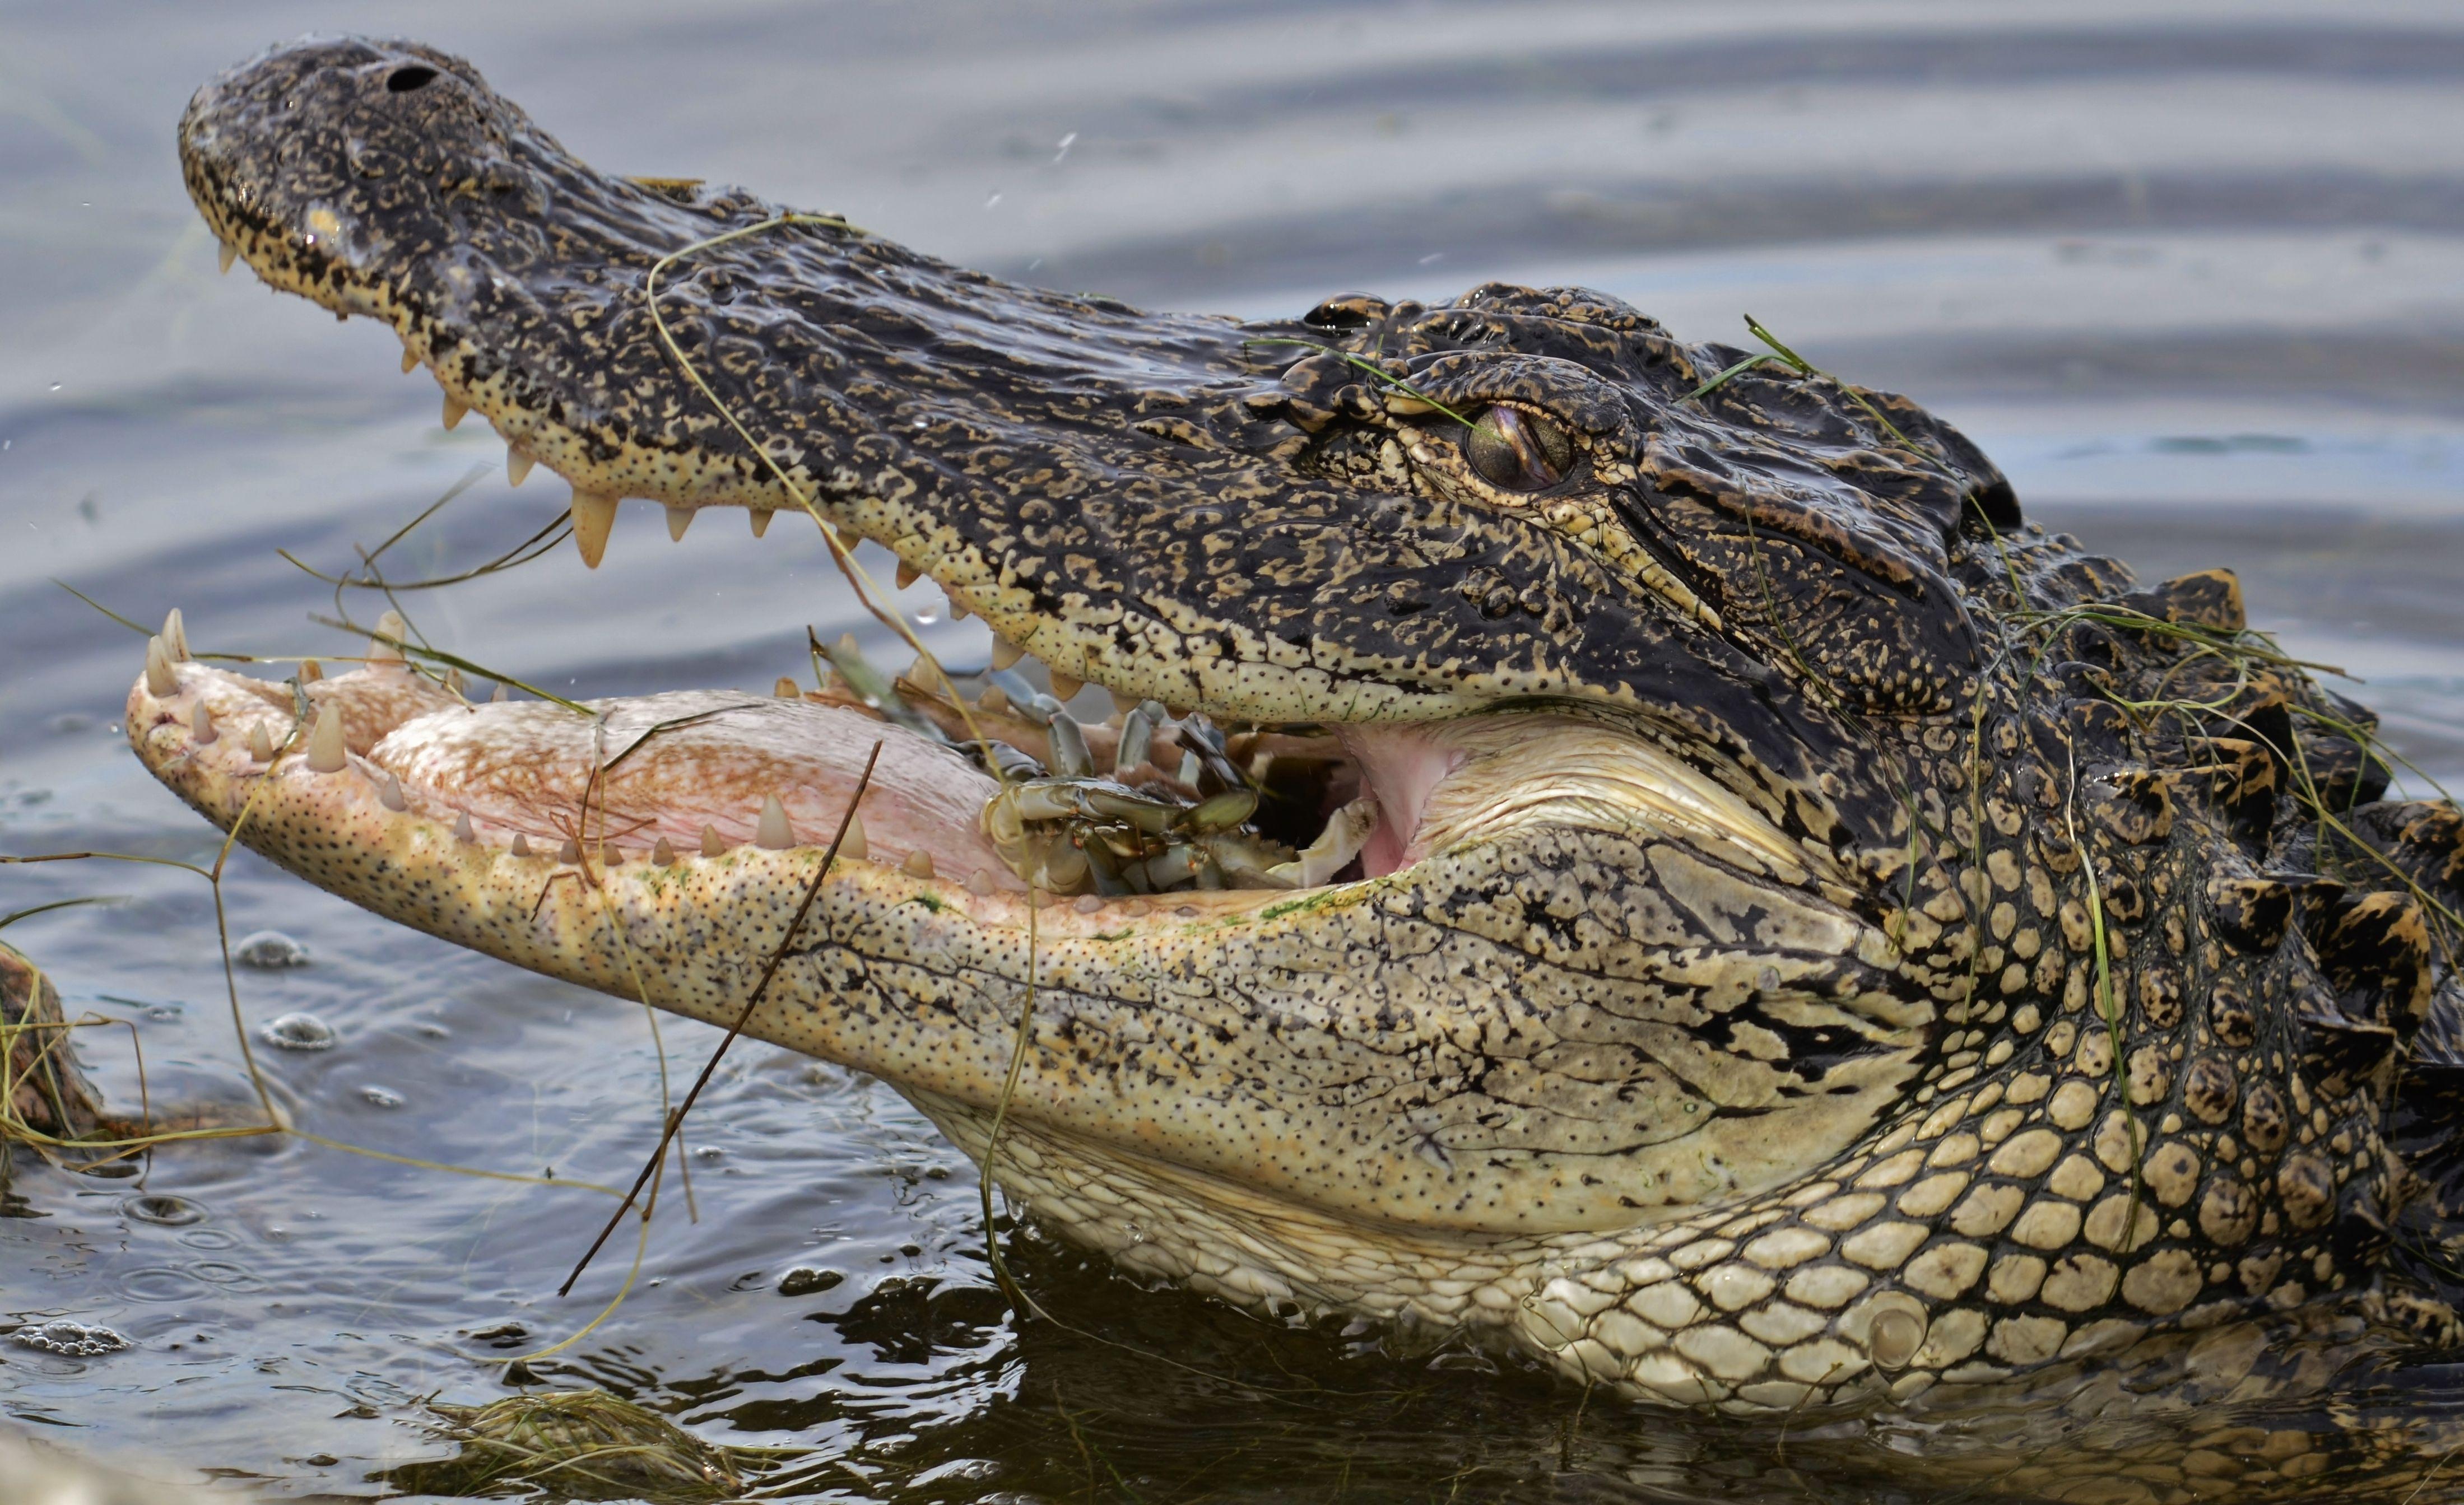 ¿En qué estado se encuentra la mayoría de la población de los Alligator americanos?